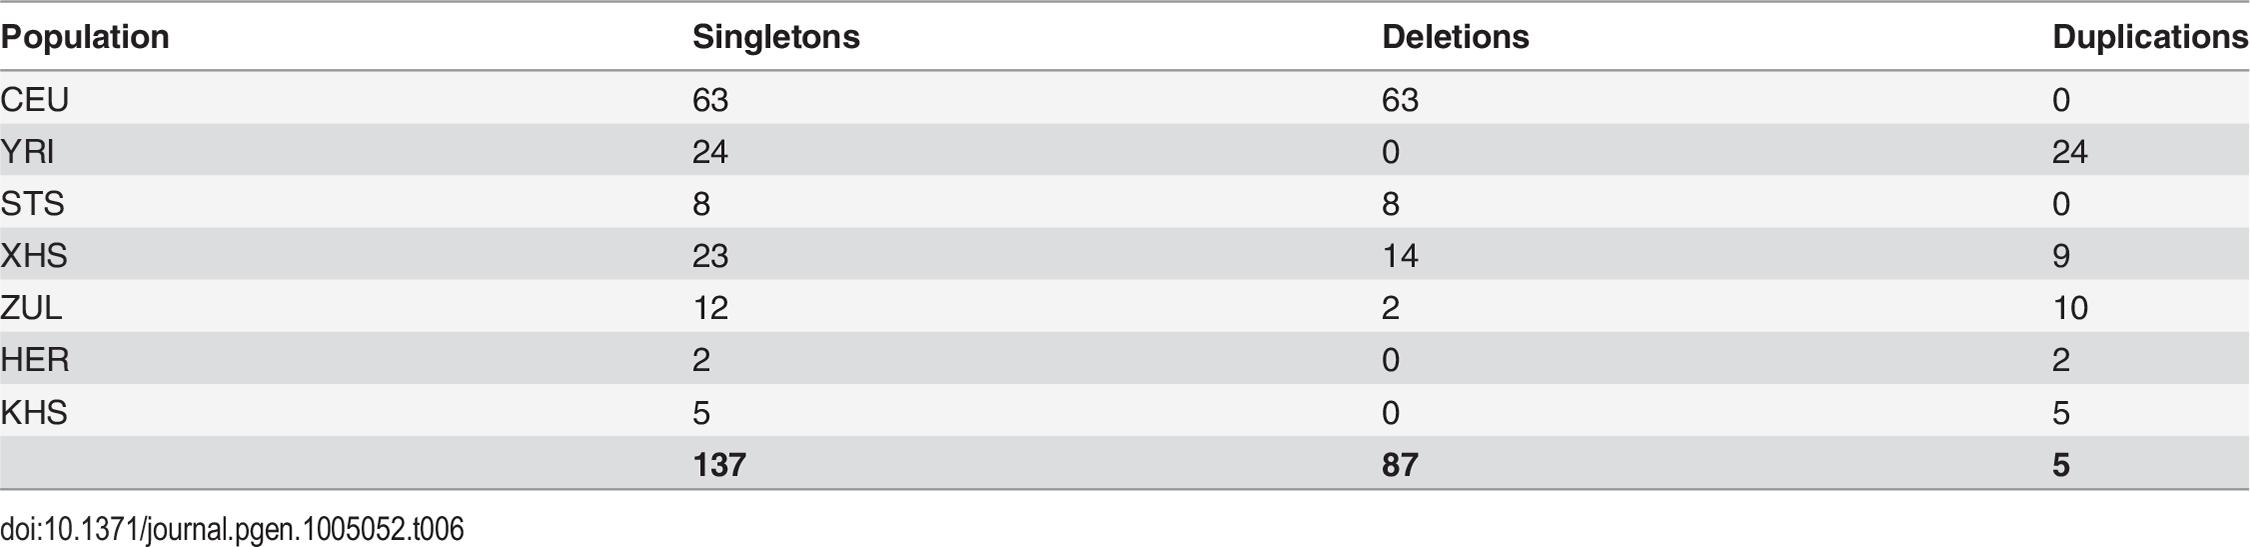 Number of singleton copy number variants (CNVs) in each population.